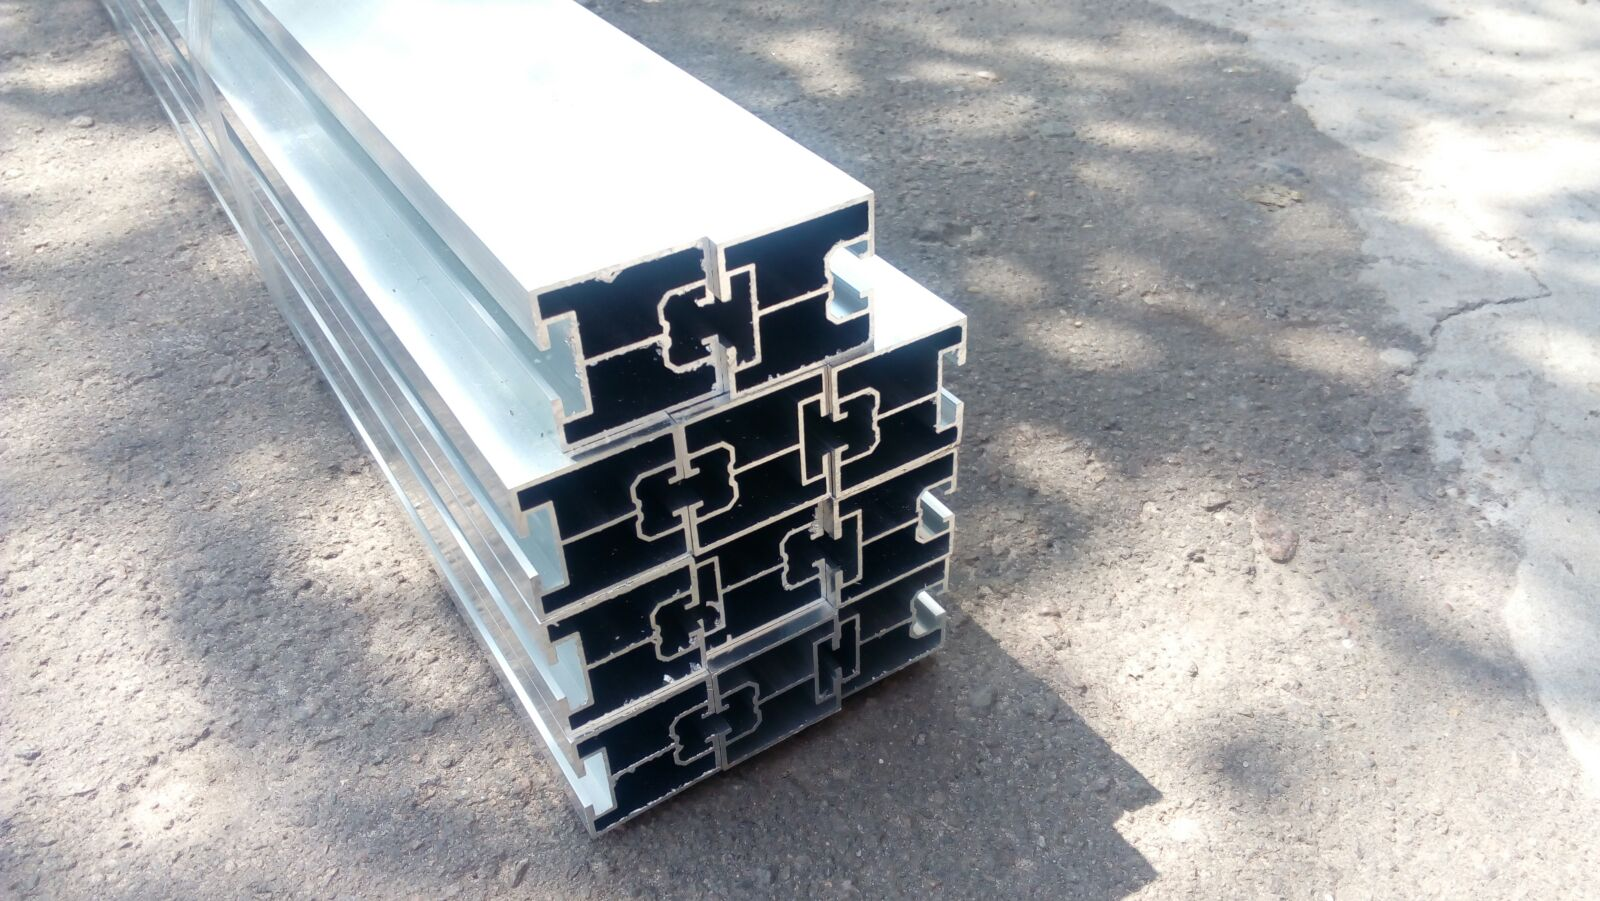 Кріплення на 1 сонячну панель MP tec, Німеччина (алюміній)